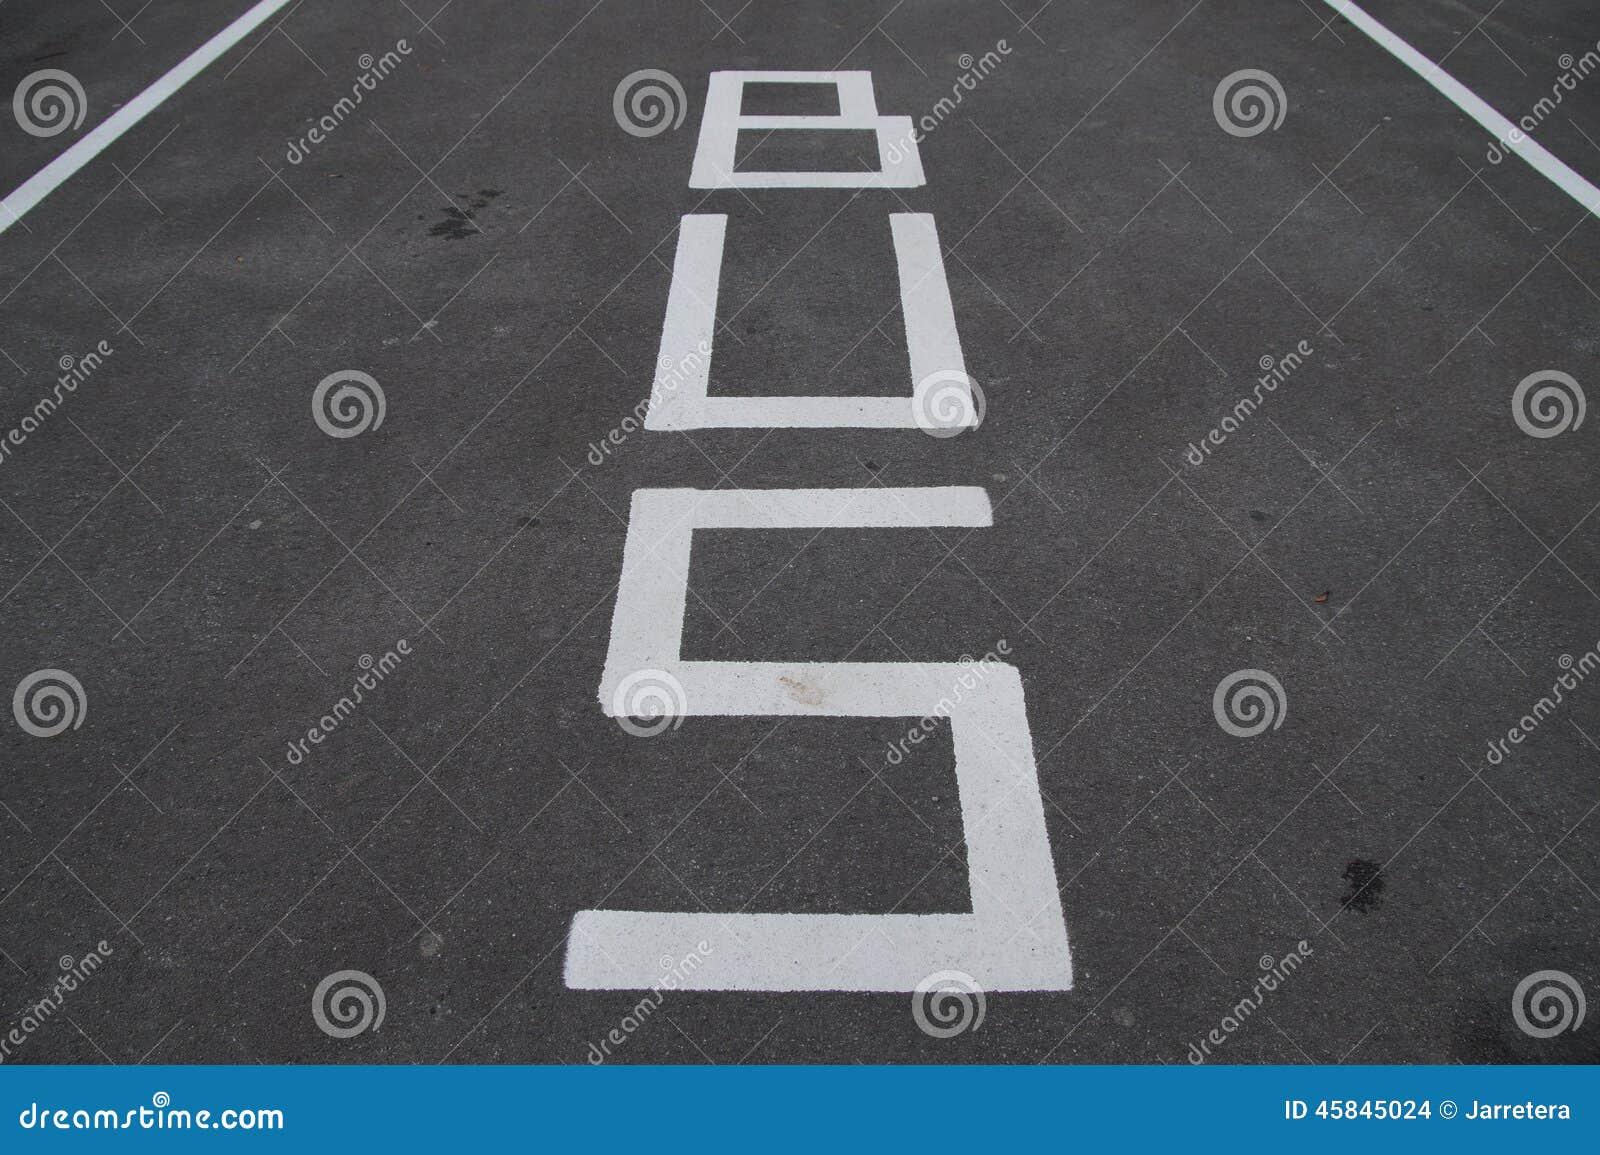 Trafiktecken - bussfilen och parkering - vägmarkering